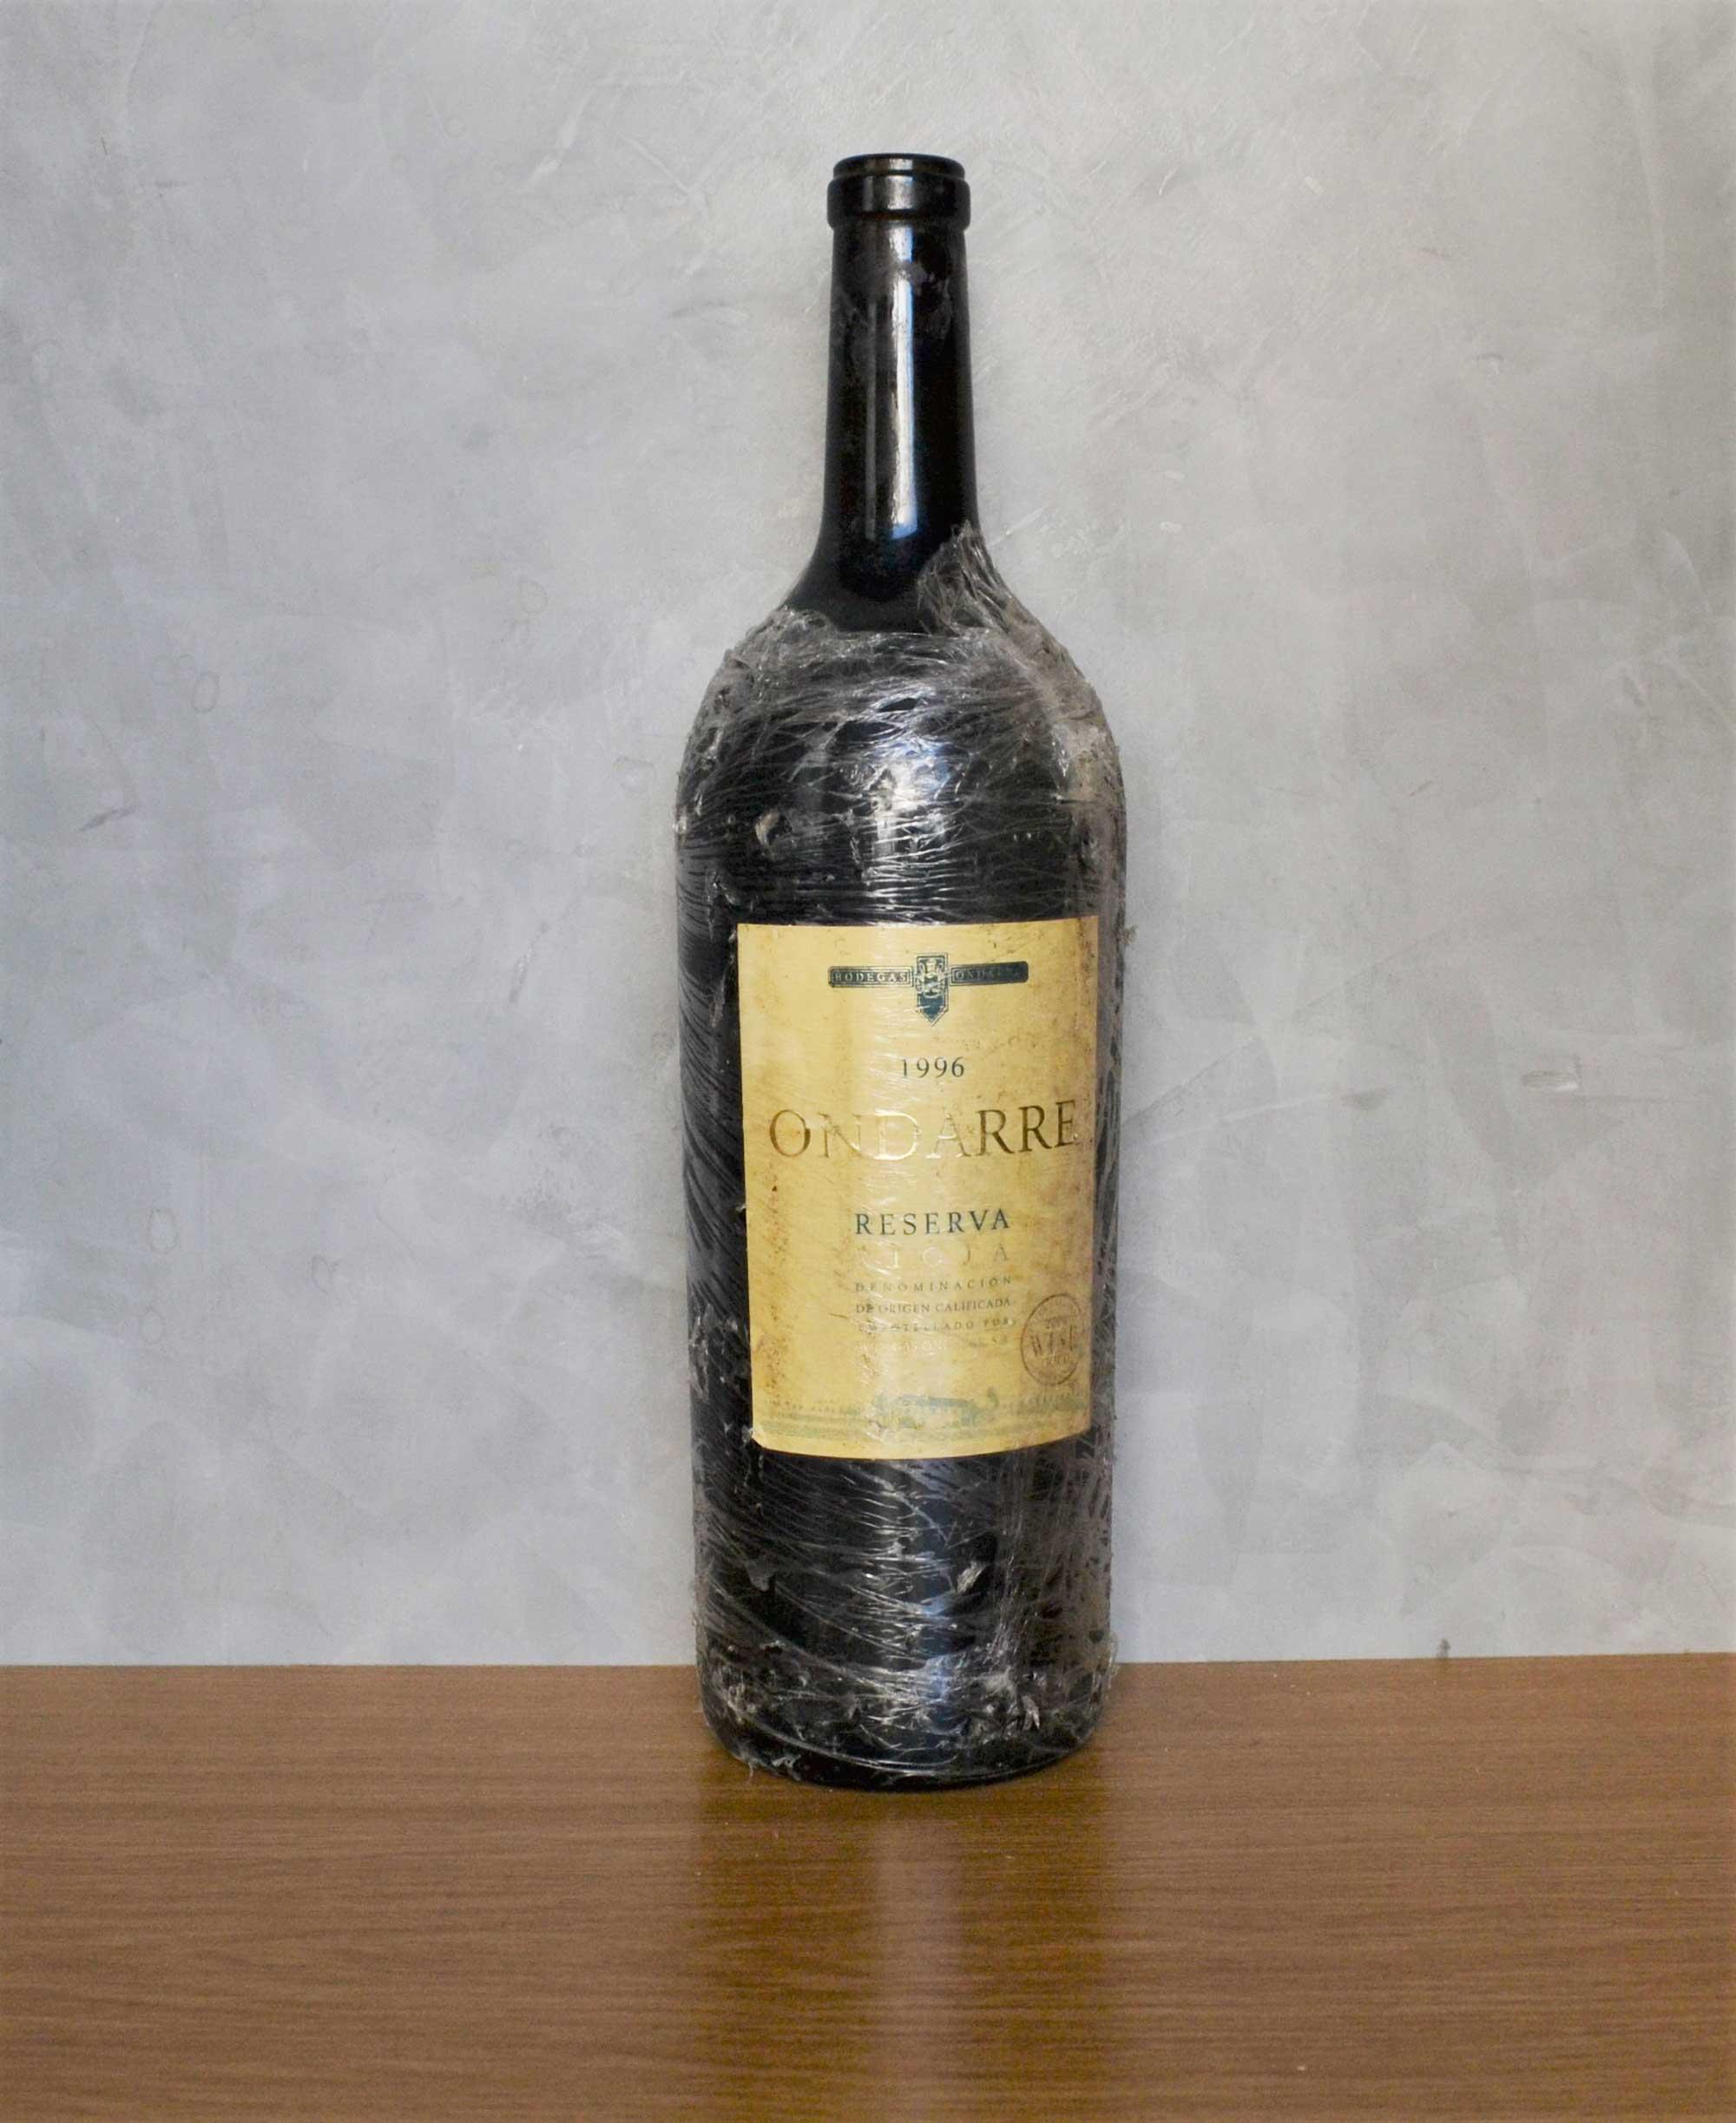 Ondarre Magnum reserva 1996